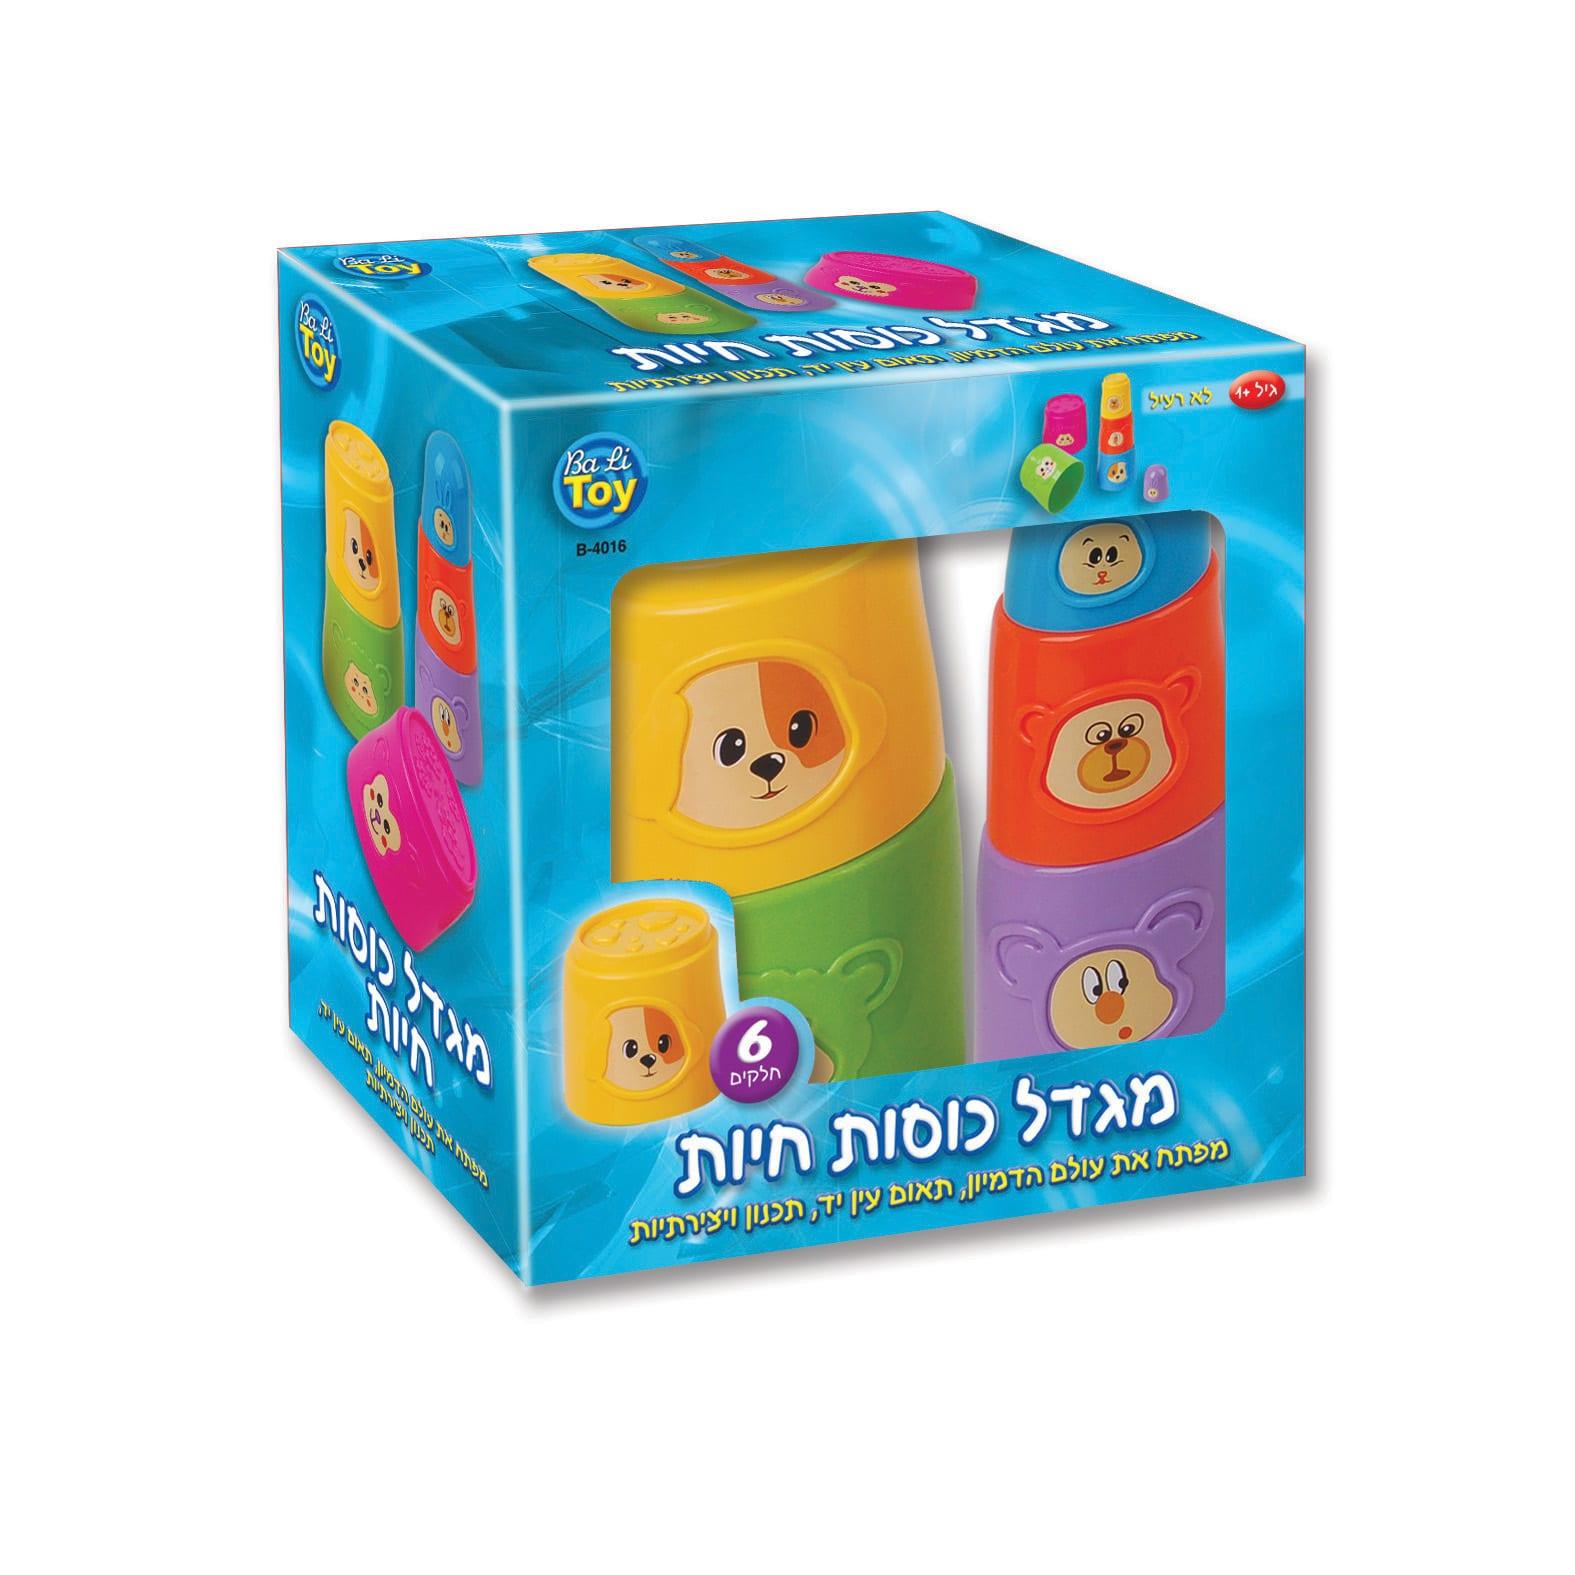 9219מגדל כוסות חיות – 6 כוסות משחק צבעוניות לתינוקות